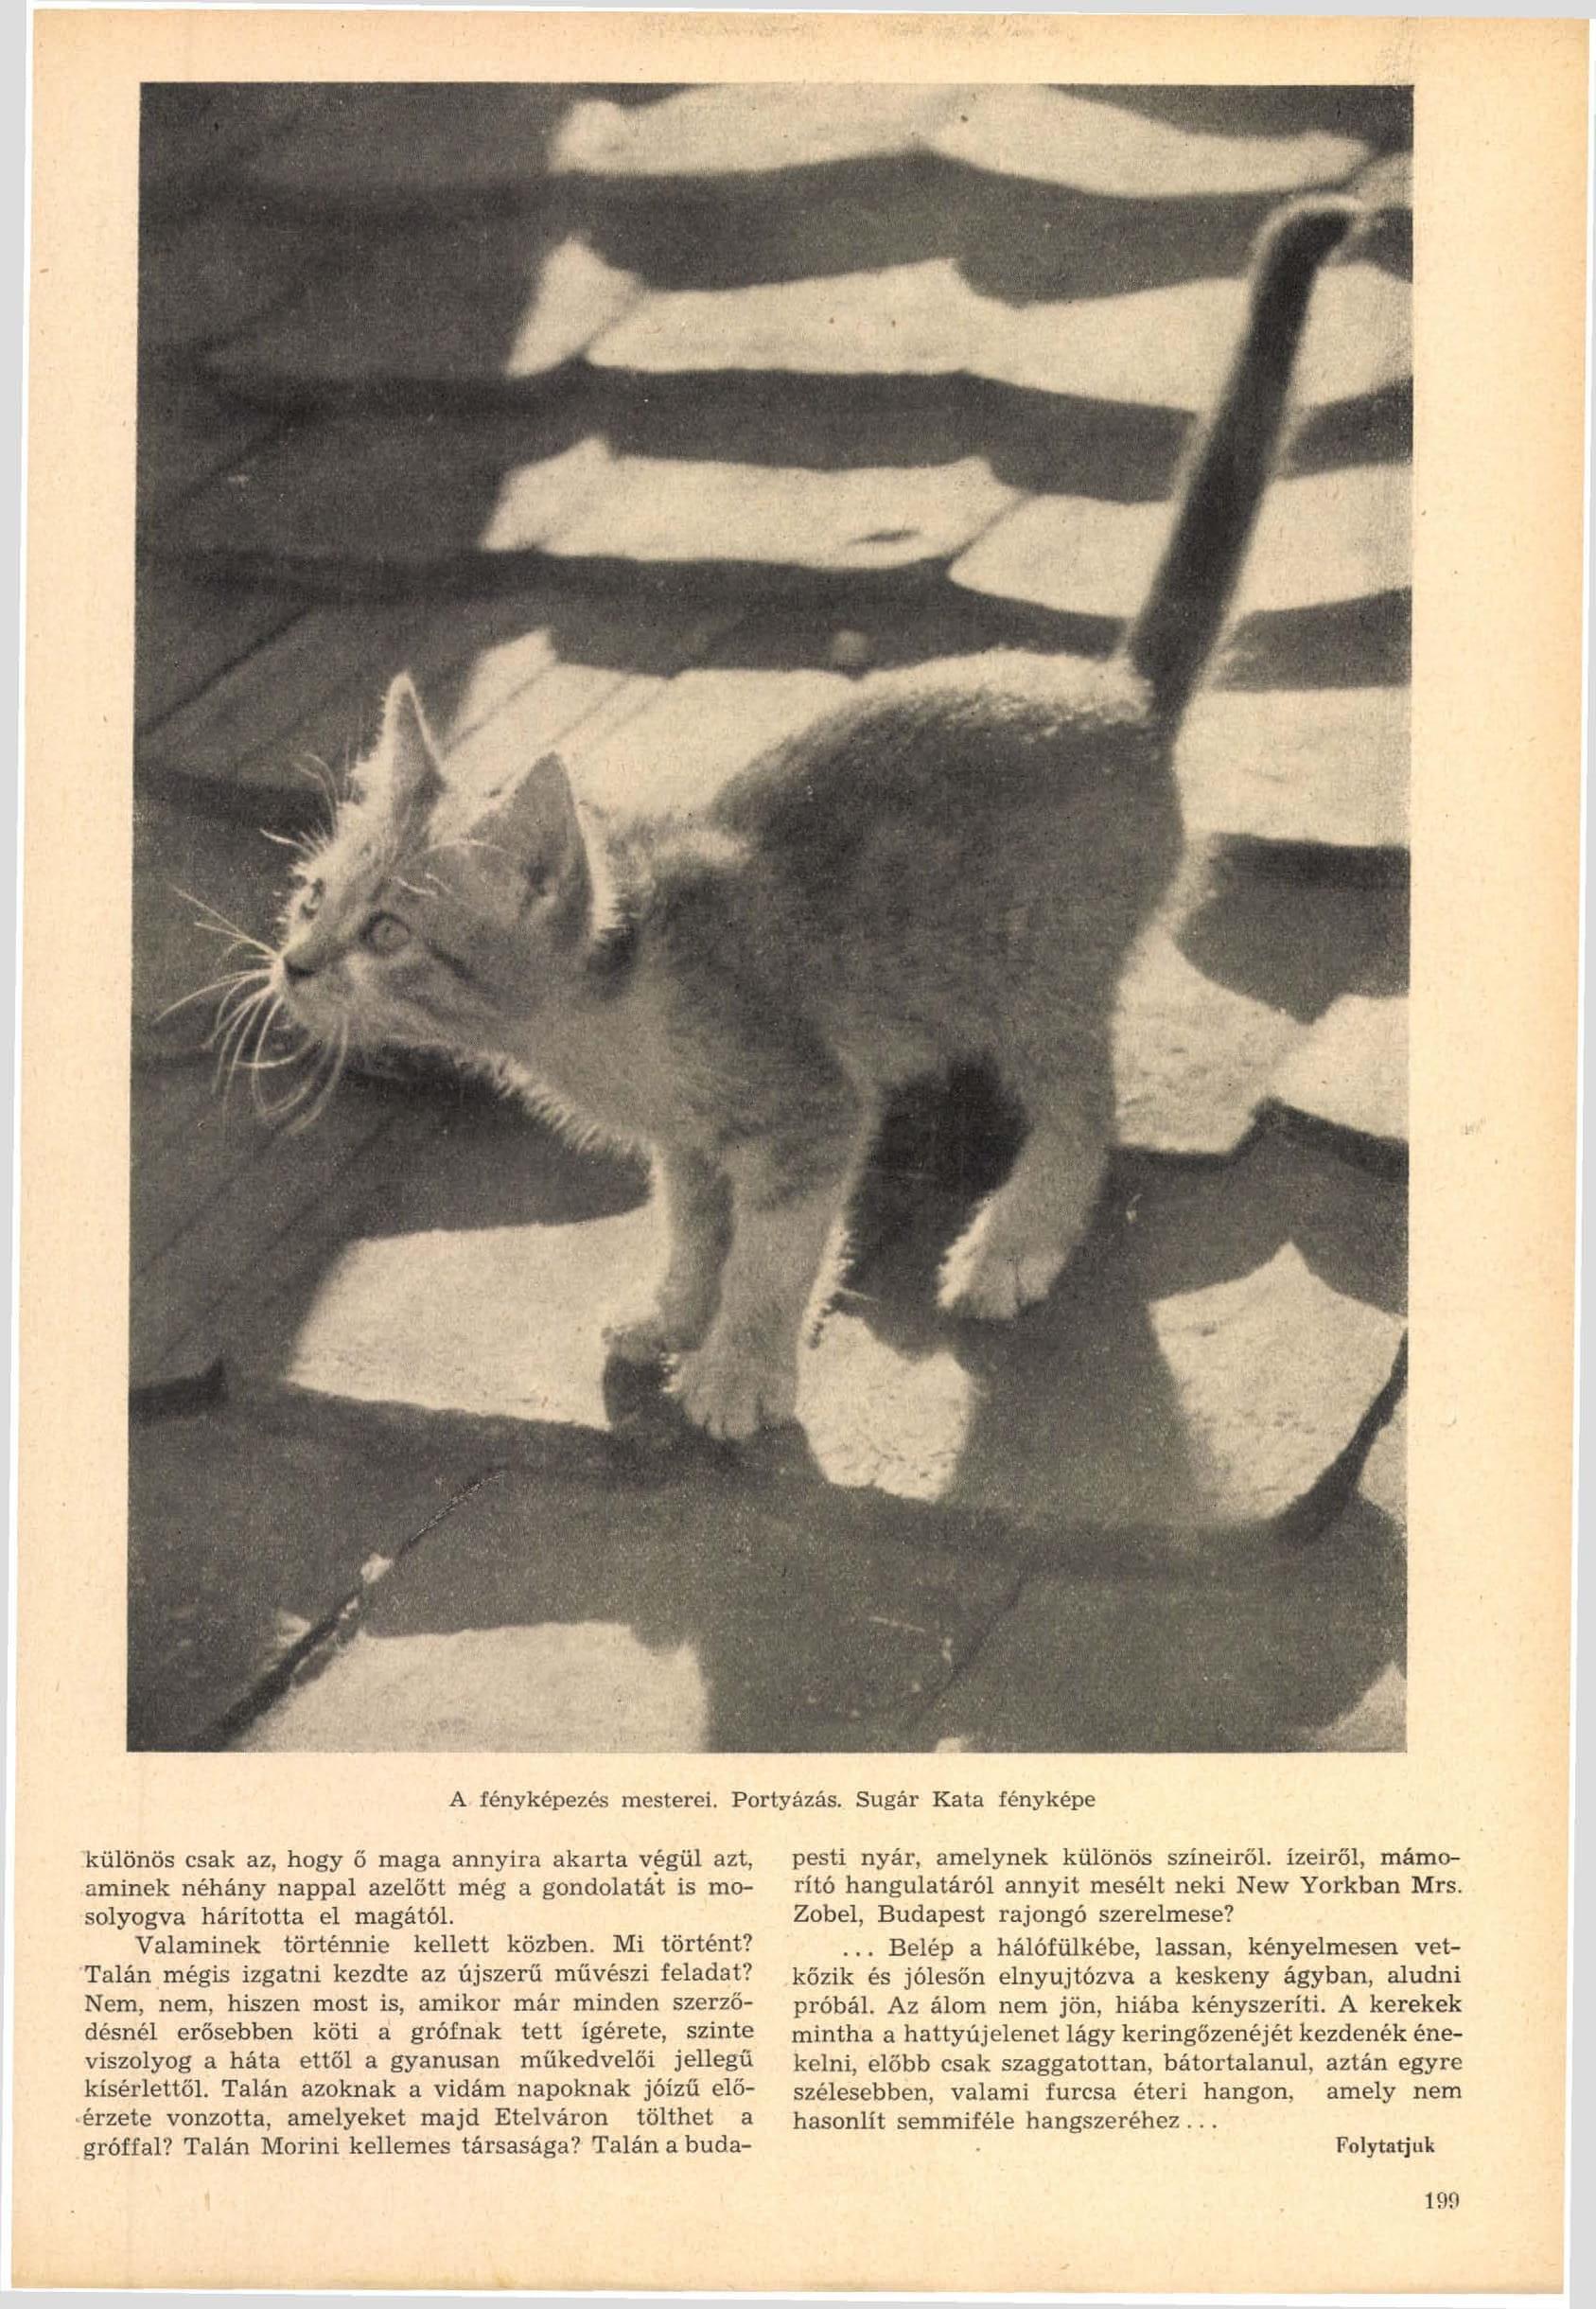 Fotó: Sugár Kata: Portyázás<br />Megjelent: Új Idők, 1942. 1.<br />Forrás: adtplus.arcanum.hu